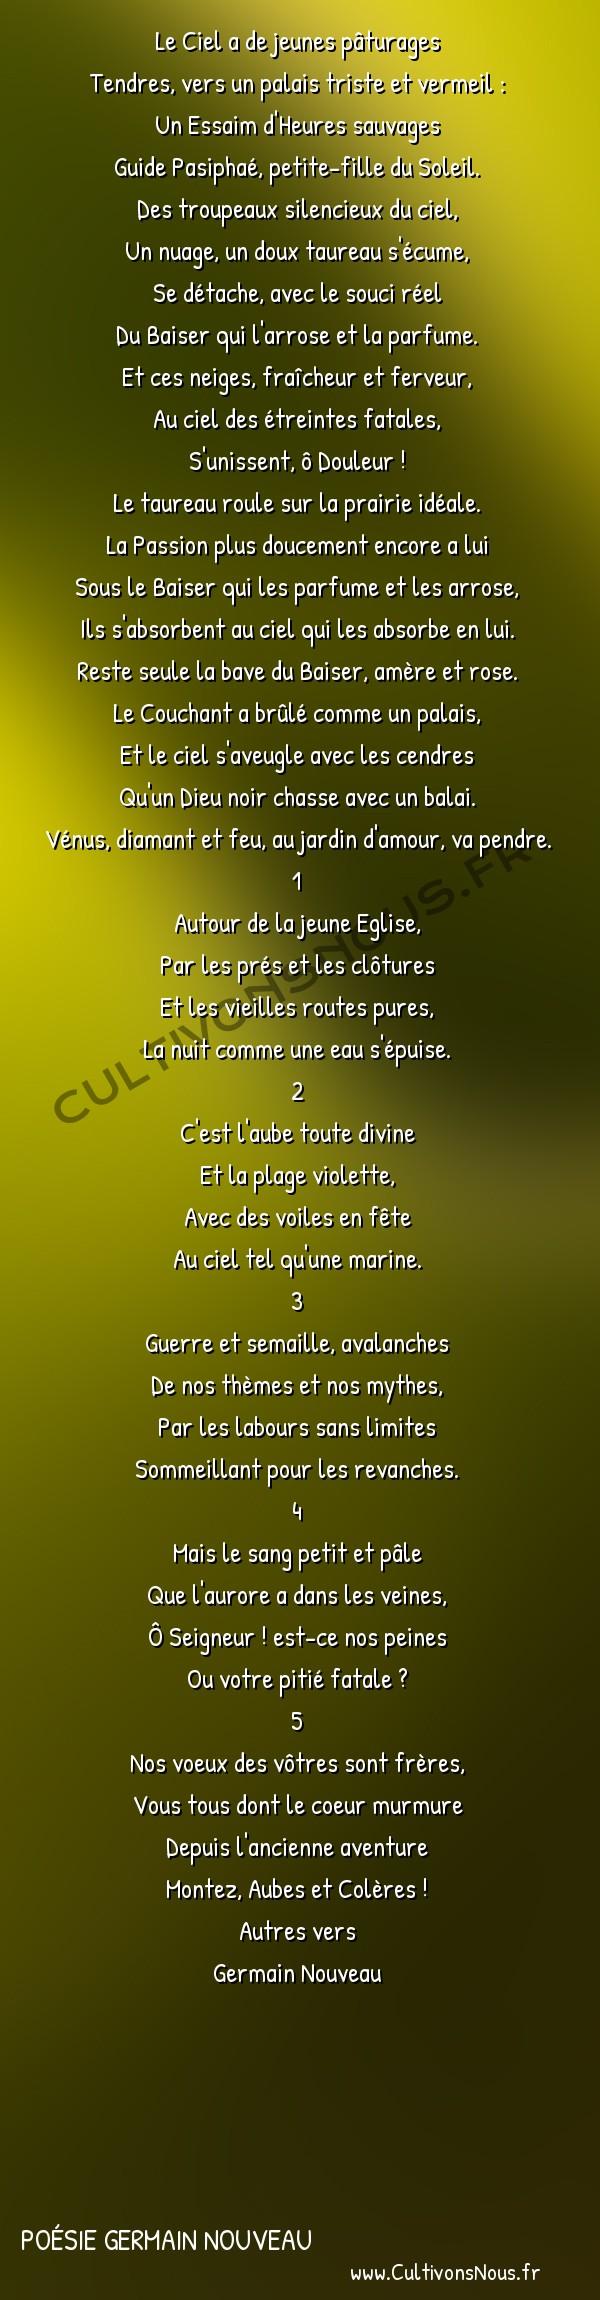 Poésie Germain Nouveau - Autres vers - Ciels -  Le Ciel a de jeunes pâturages Tendres, vers un palais triste et vermeil :